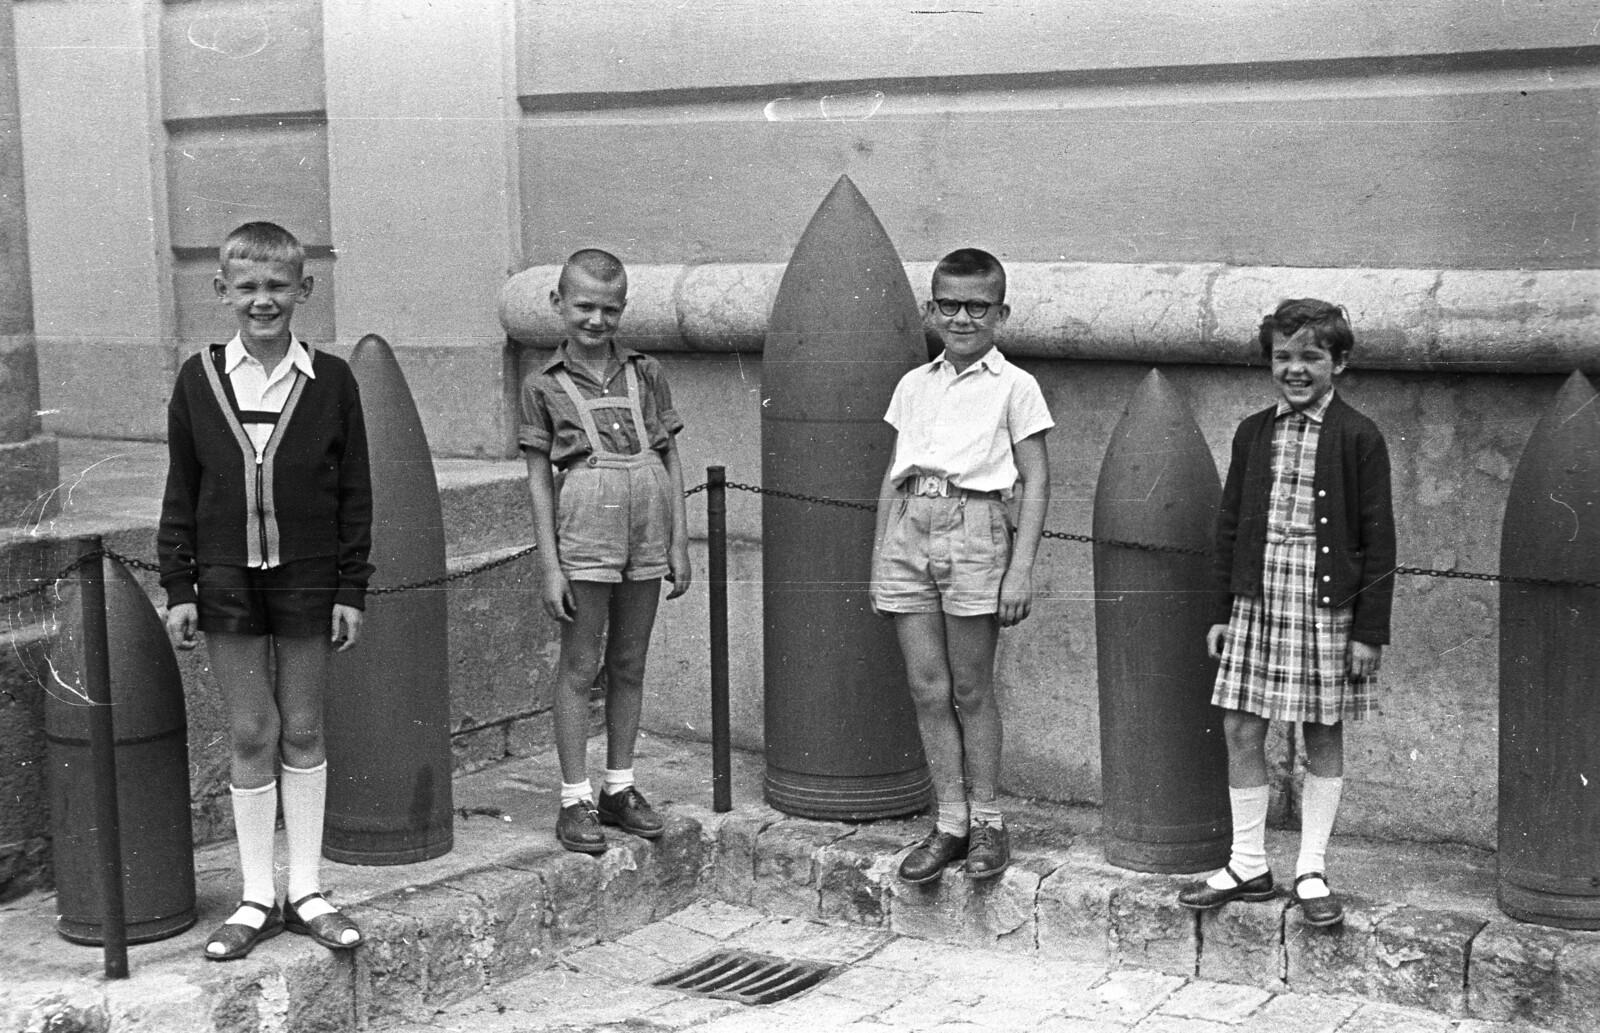 Évente 2000 bombát találnak a magyarok